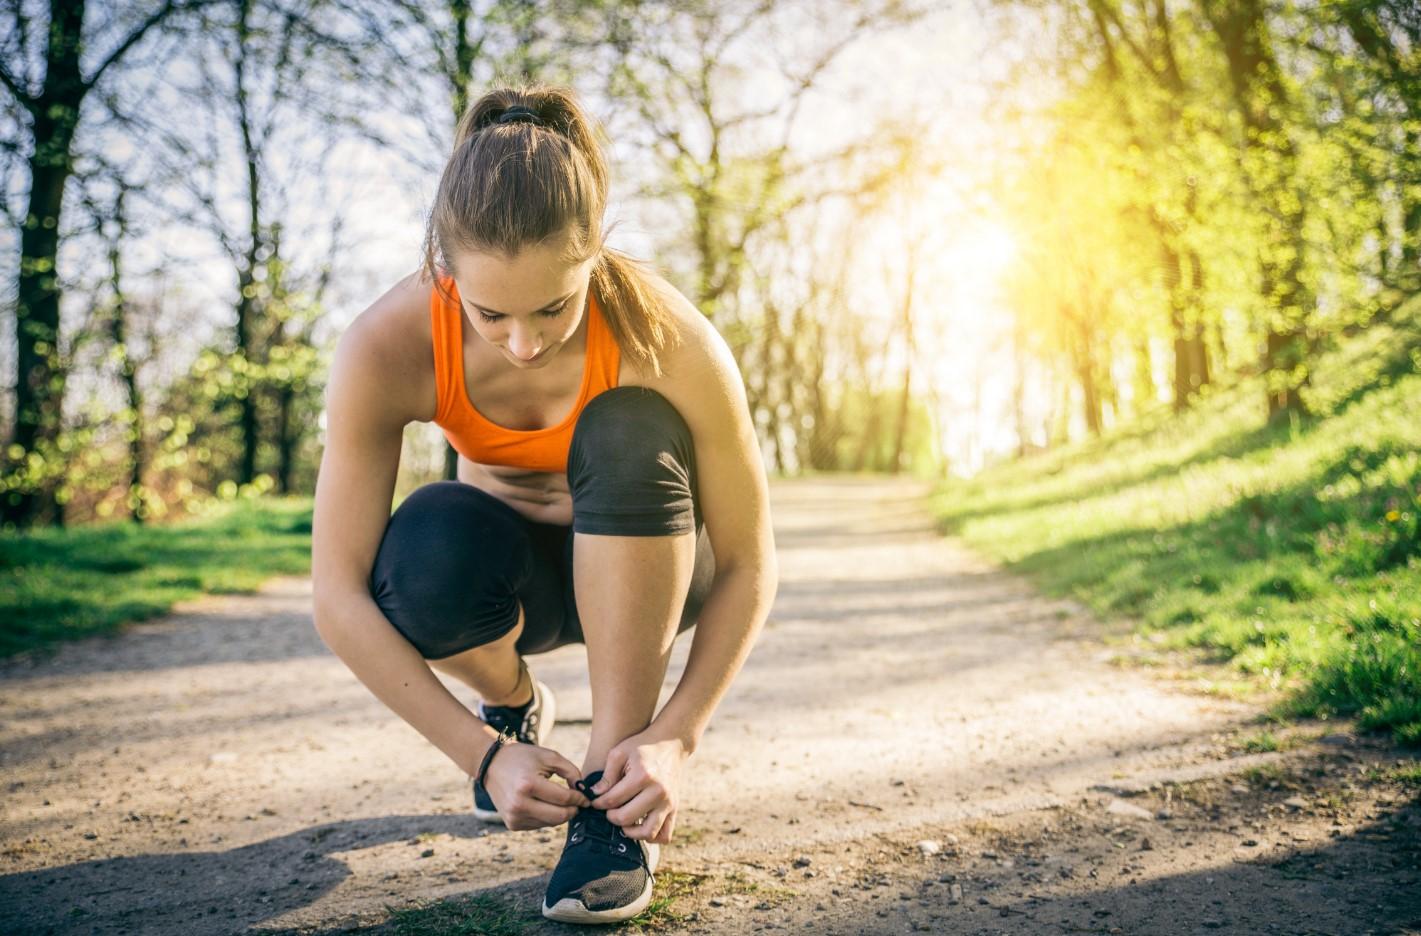 sport-outdoor-corsa-latina-ragazza